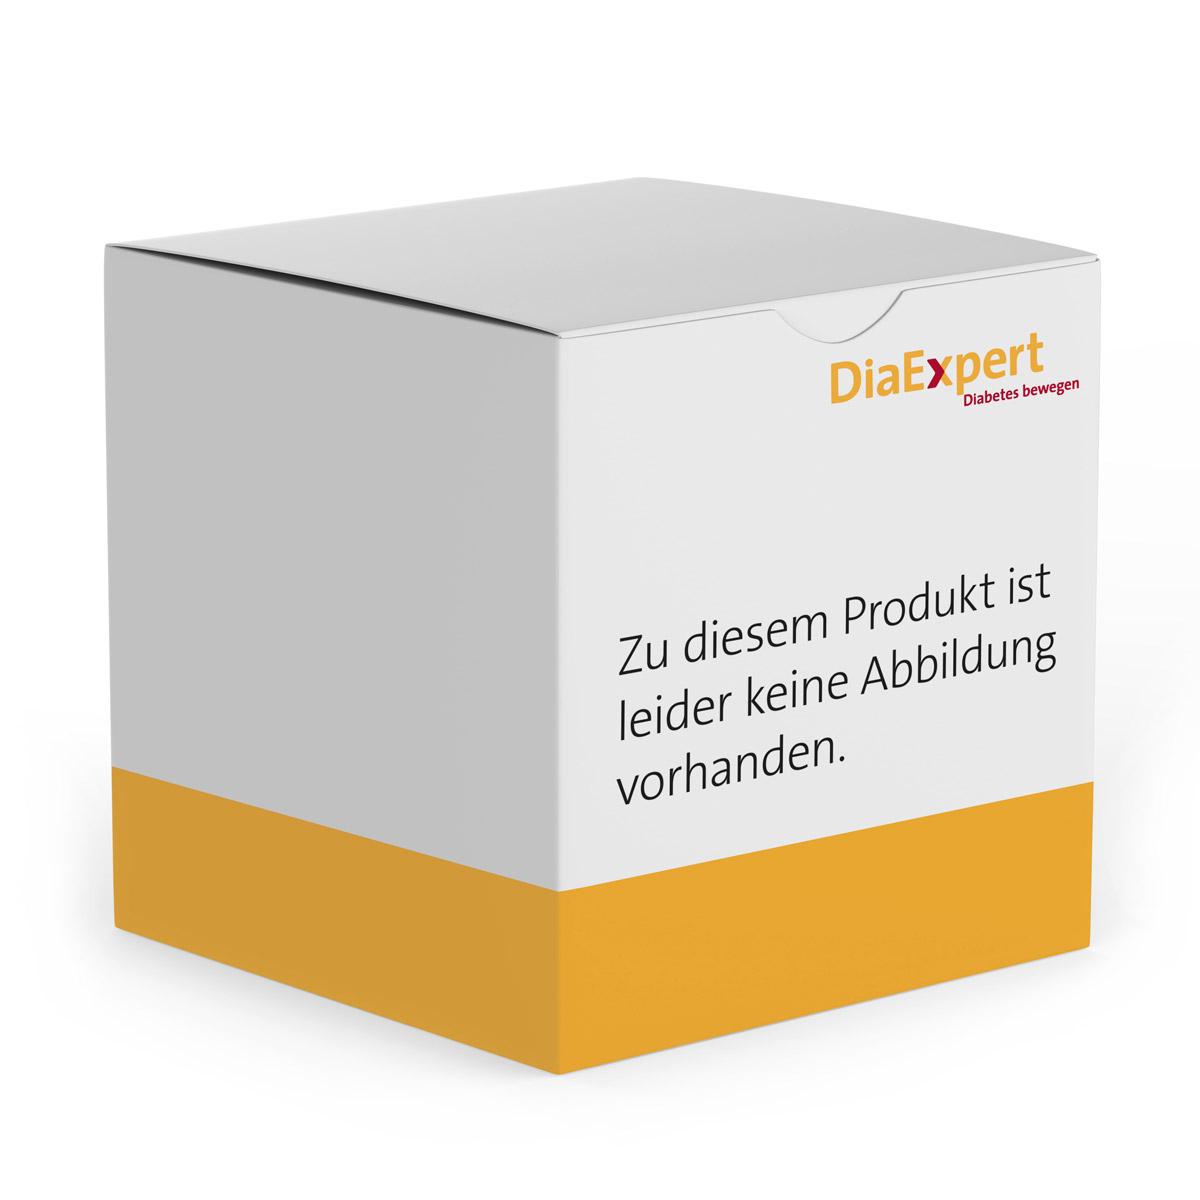 Aktionsset OneTouch Select Plus Flex mg/dL